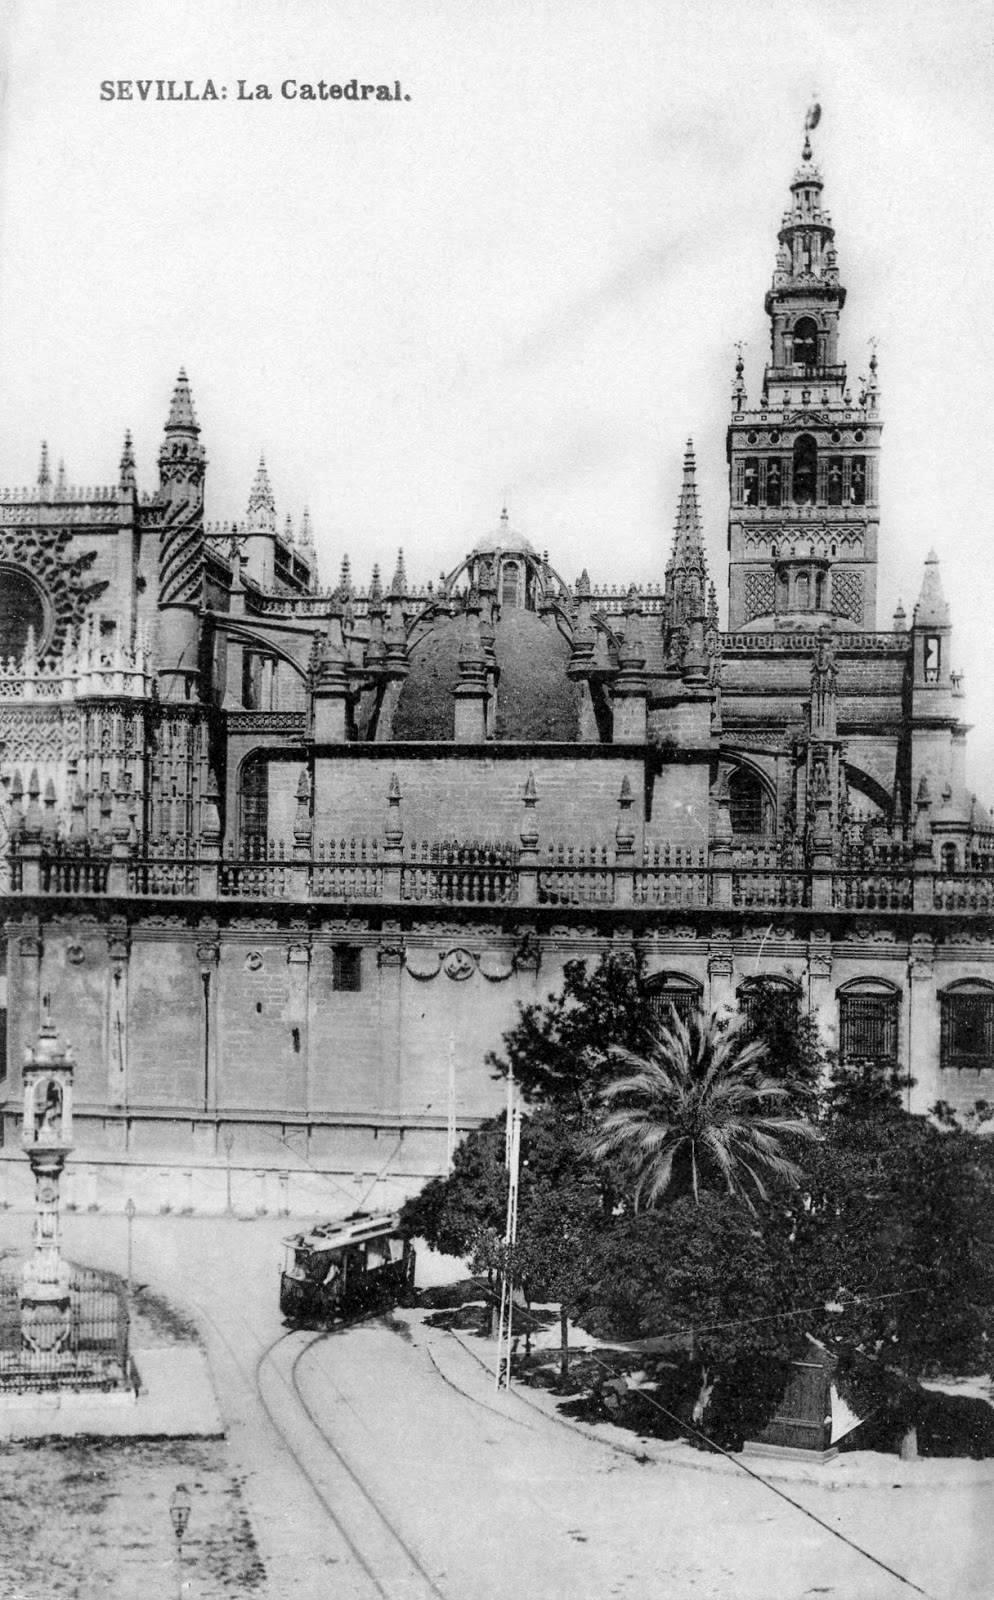 Tranvía pasando por la plaza del Triunfo con la Catedral y su Giralda como protagonistas.  Año 1915. https://t.co/xYlHrSJ8G1